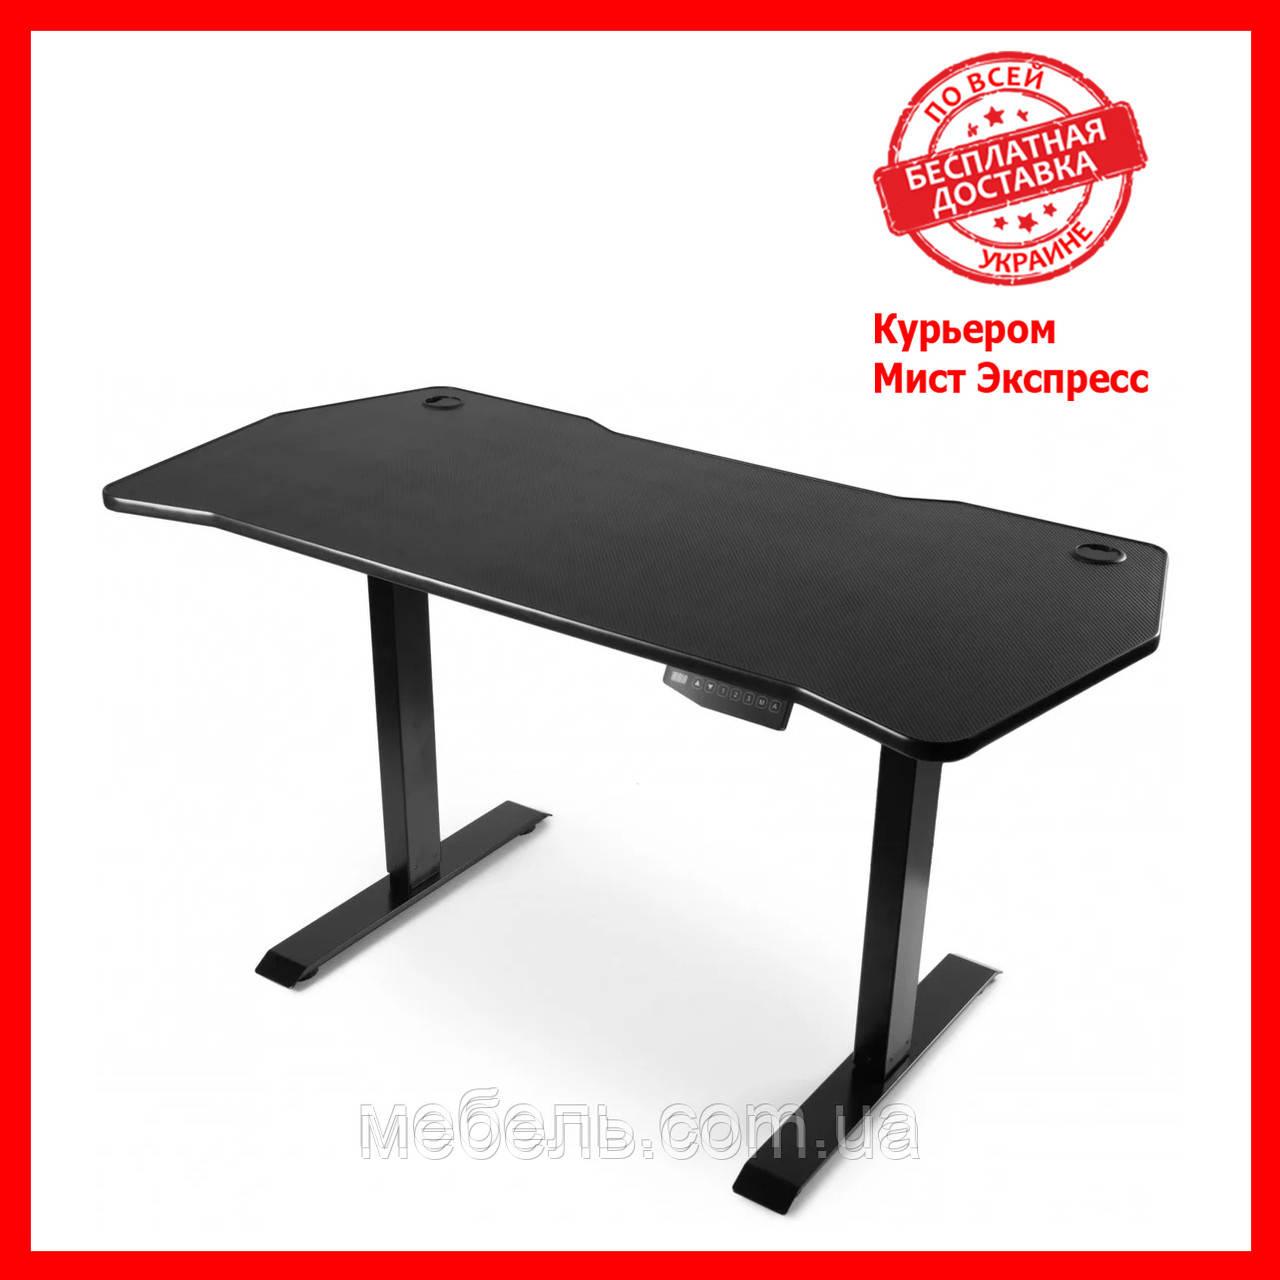 Регулируемый геймерский стол Barsky StandUp Memory electric black carbon 1350*670 BSU_el-04